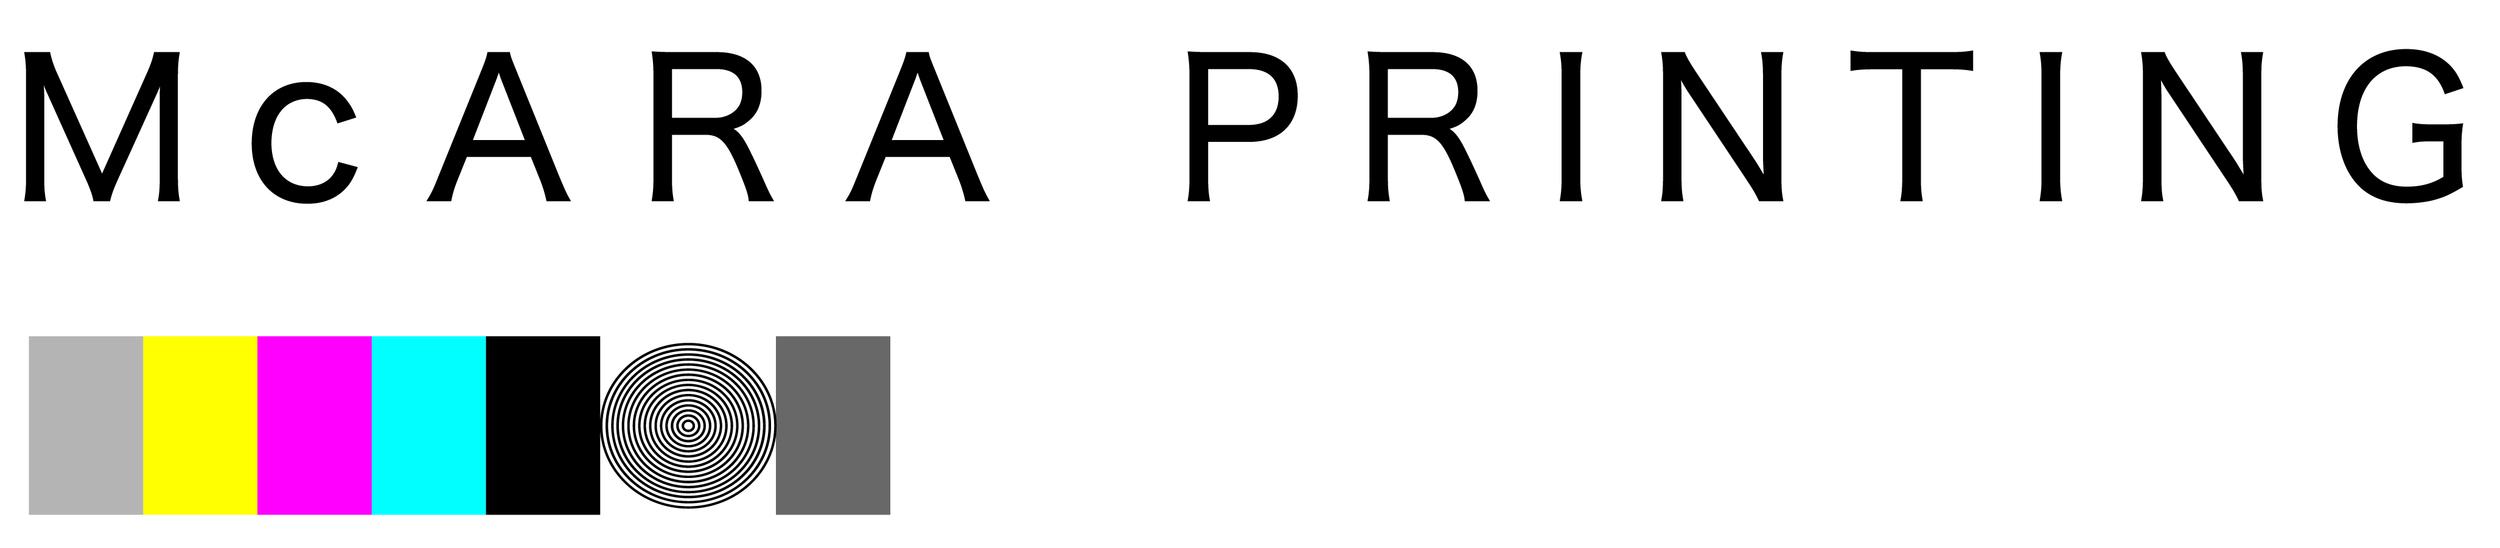 McAra Printing Logo